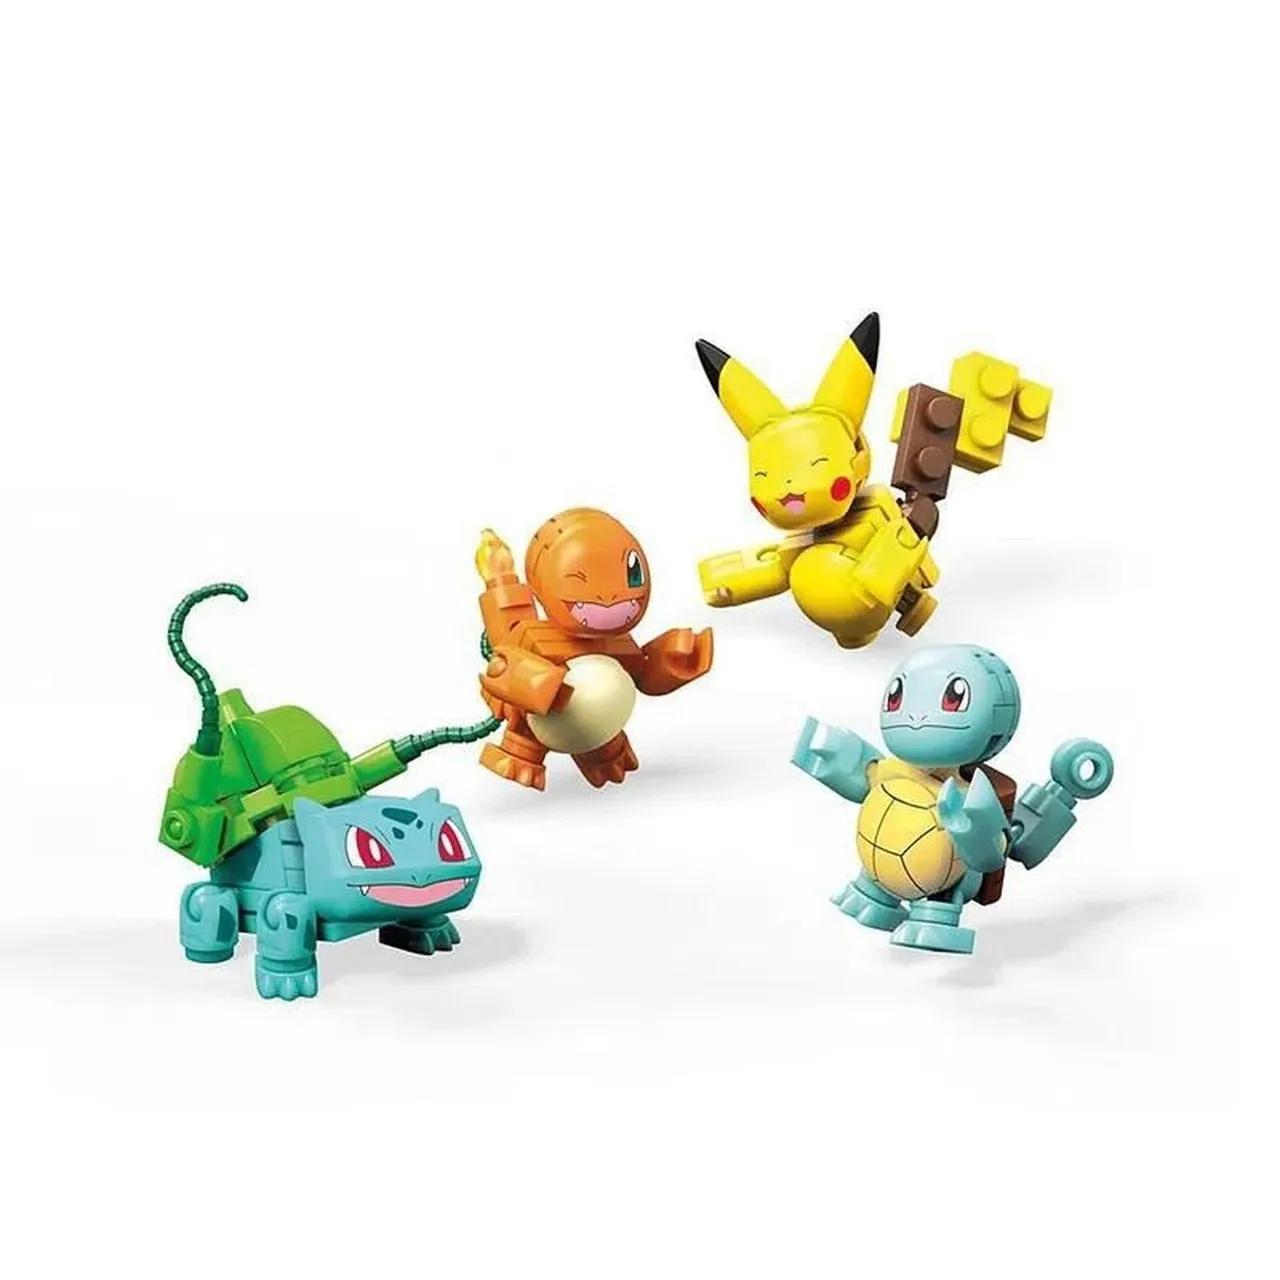 Boneco Pokemon Evolution Duo GCN21 MATTEL